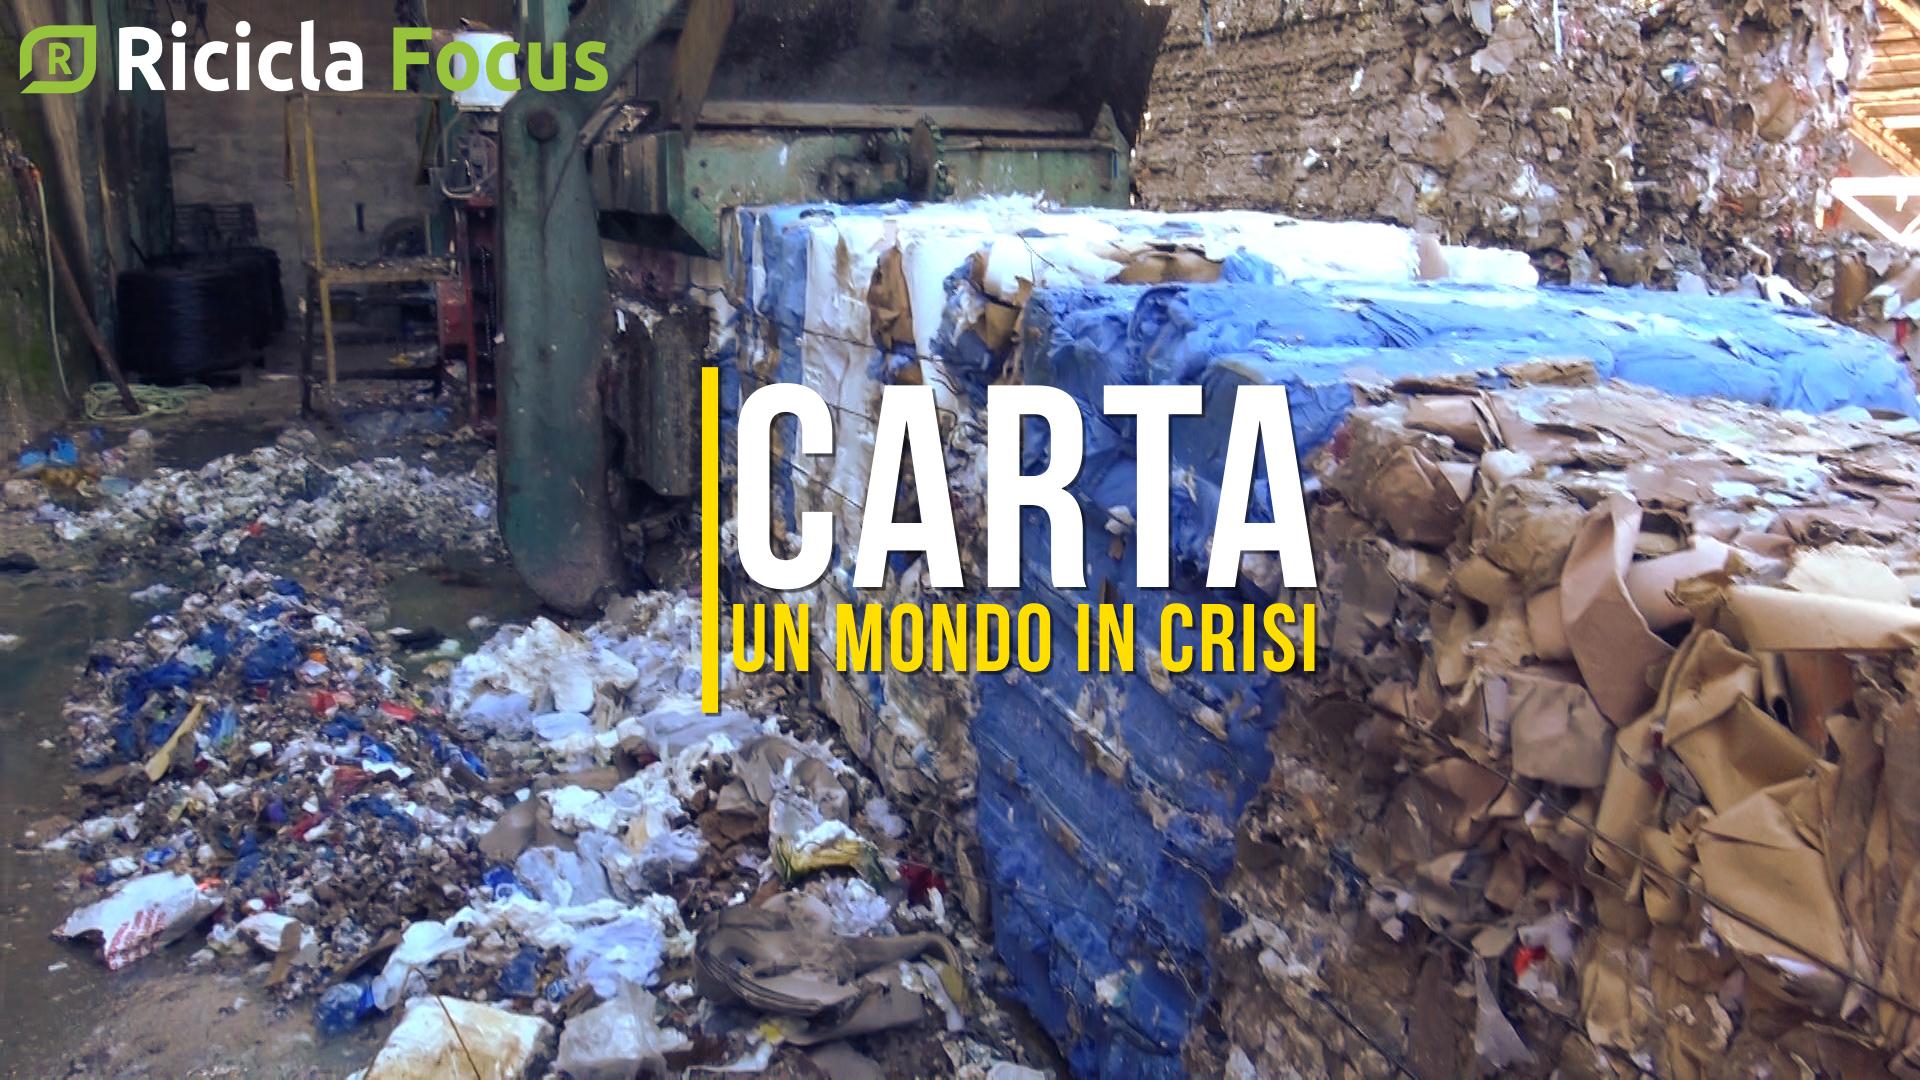 CARTA, COMPARTO IN GINOCCHIO: IMPIANTI PRONTI A CHIUDERE